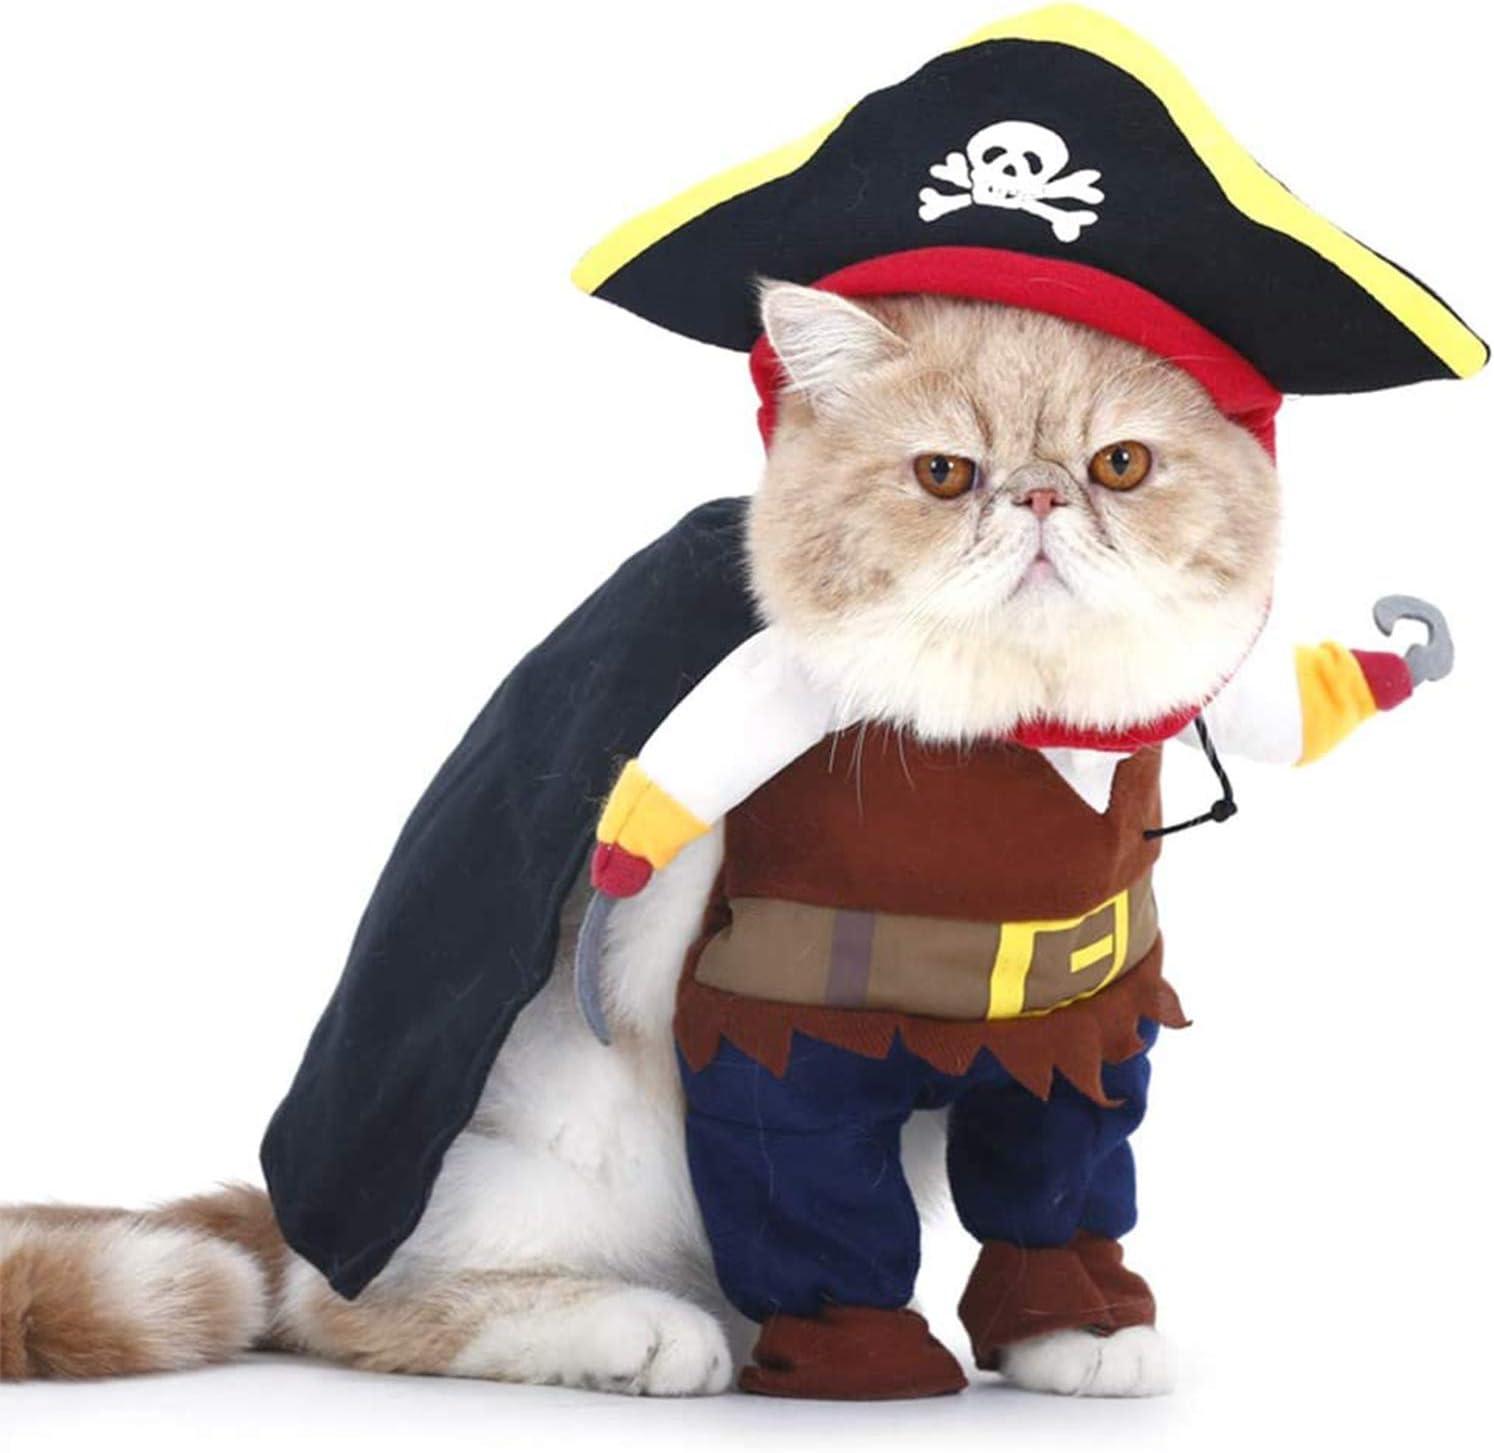 Gato y Perro Caribe Pirata Disfraz, Ropa para Mascotas, Disfraces de Halloween y Navidad, Adecuado para Perros Pequeños a Medianos Gatos